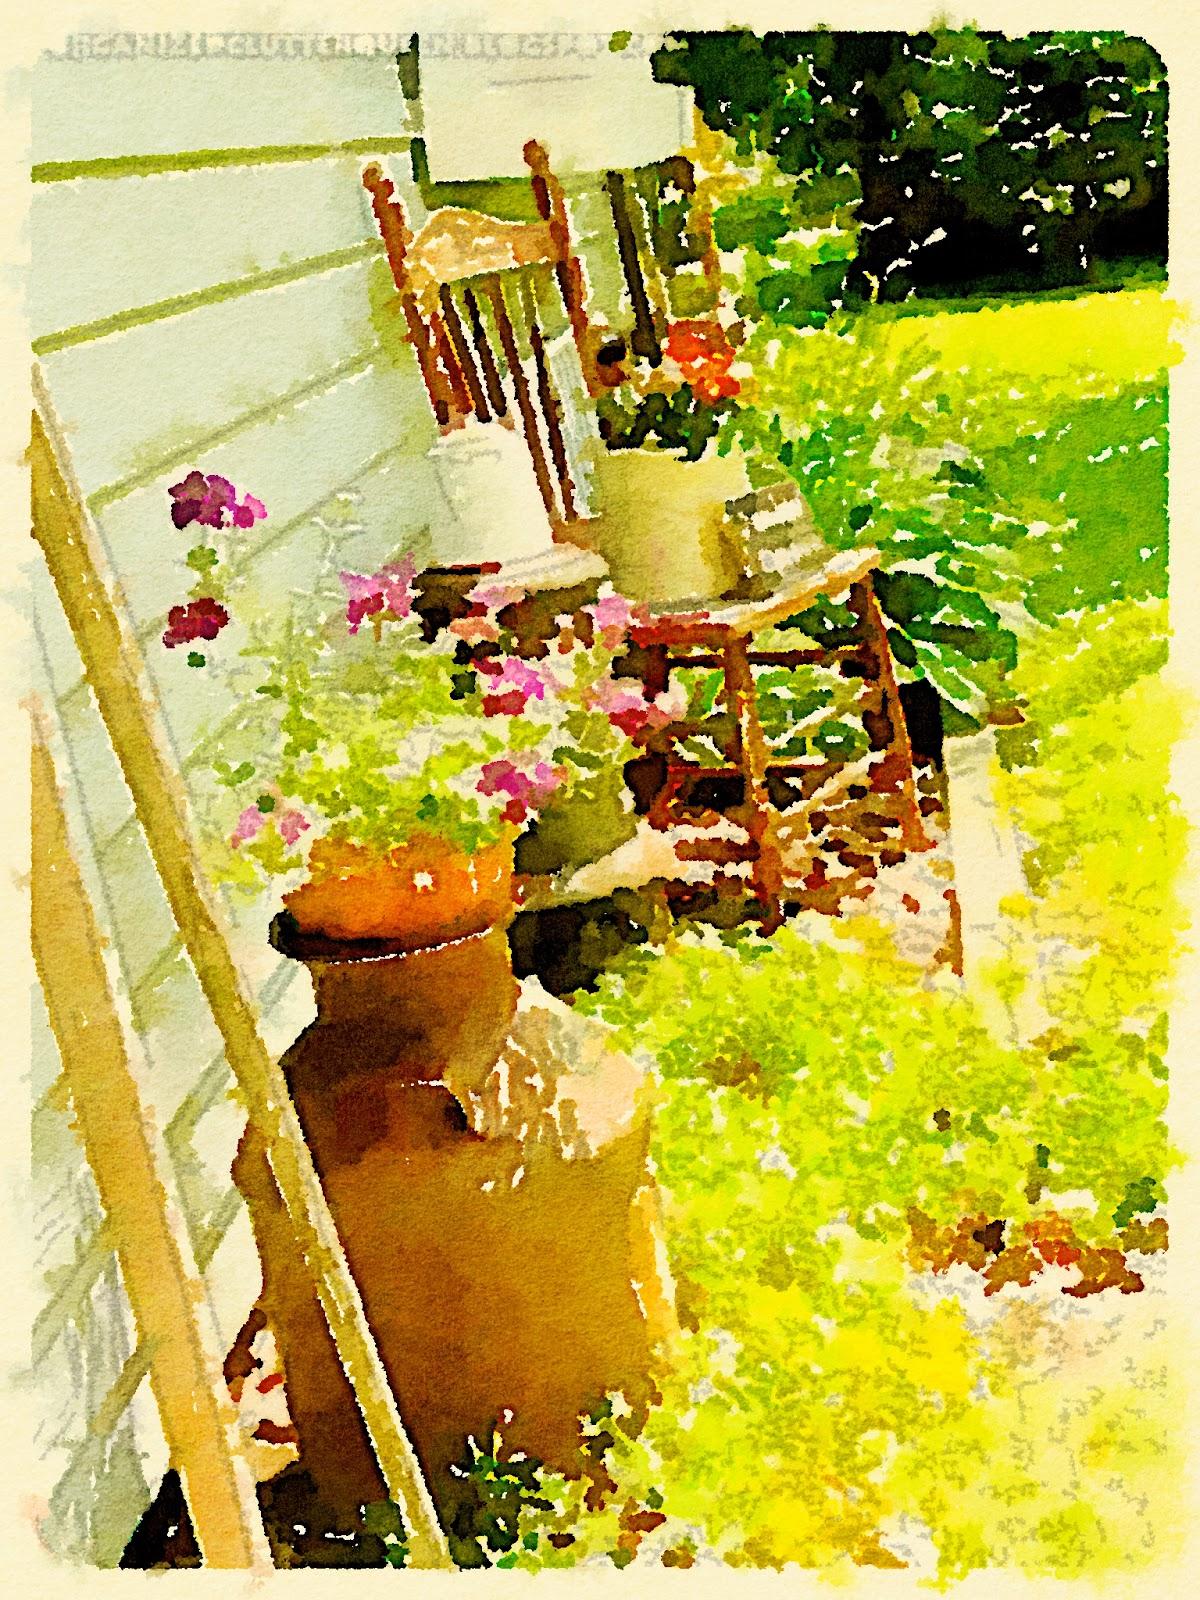 Waterlogue Junk Garden Wall www.organizedclutterqueen.blogspot.com